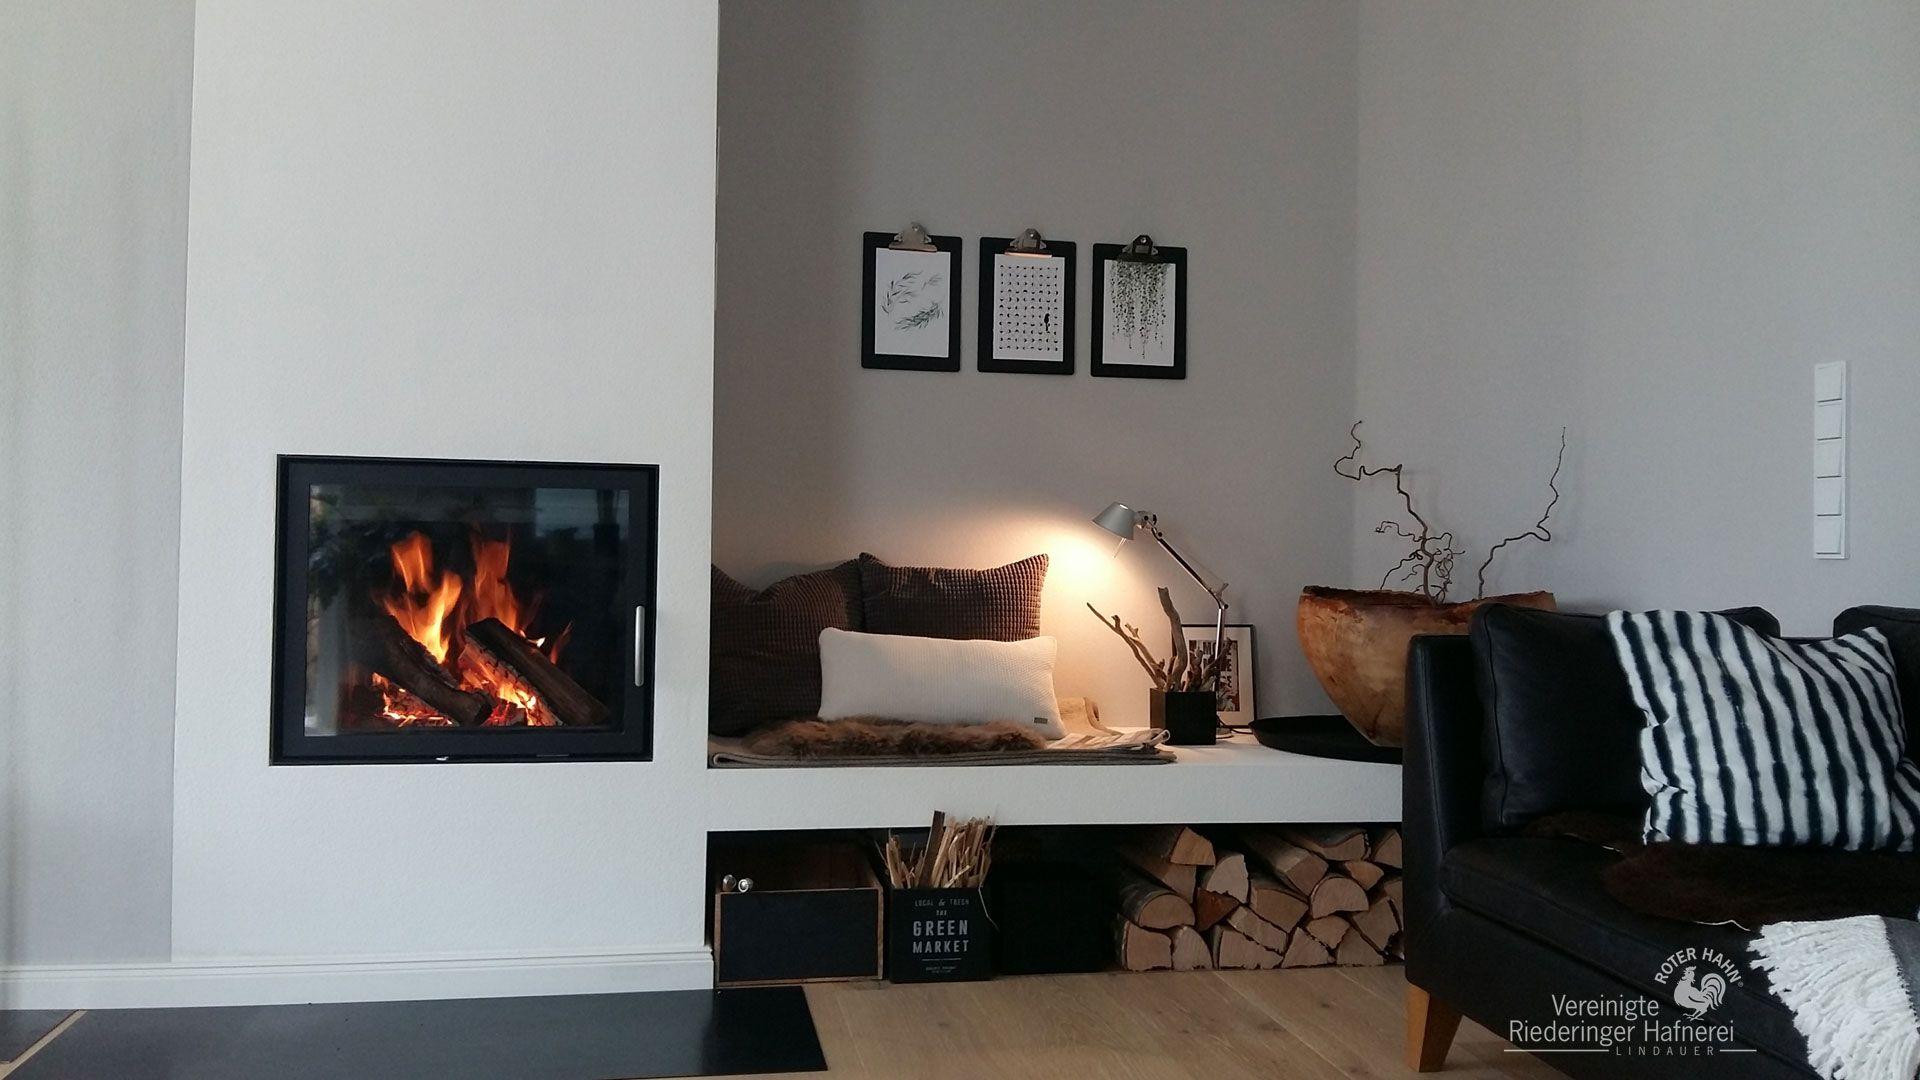 moderner heizkamin mit frontscheibe und gemauerter bank moderner heizkamin heizkamin ofen. Black Bedroom Furniture Sets. Home Design Ideas